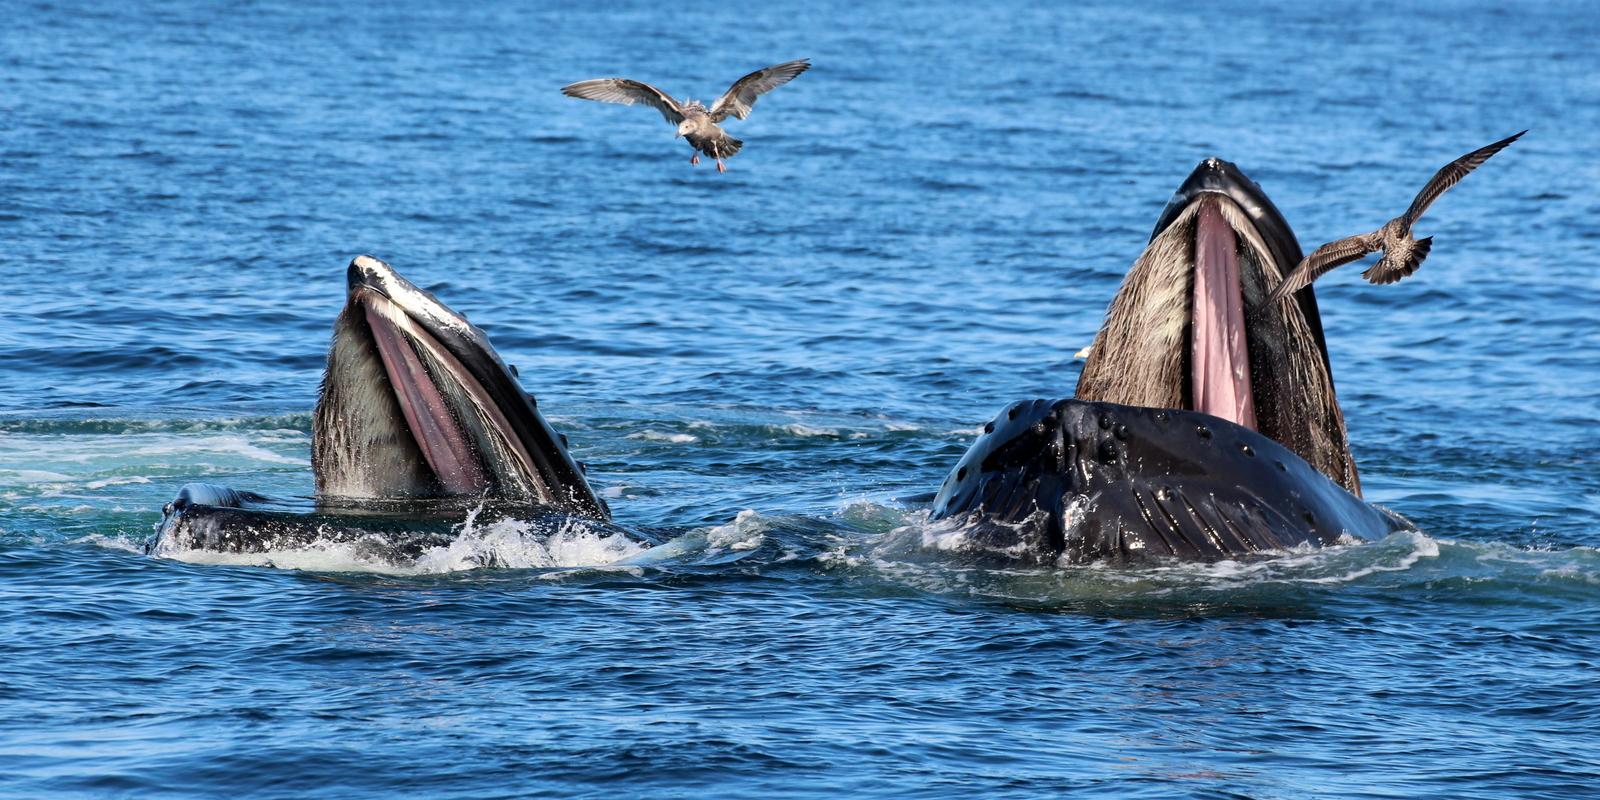 Feeding humpback whales